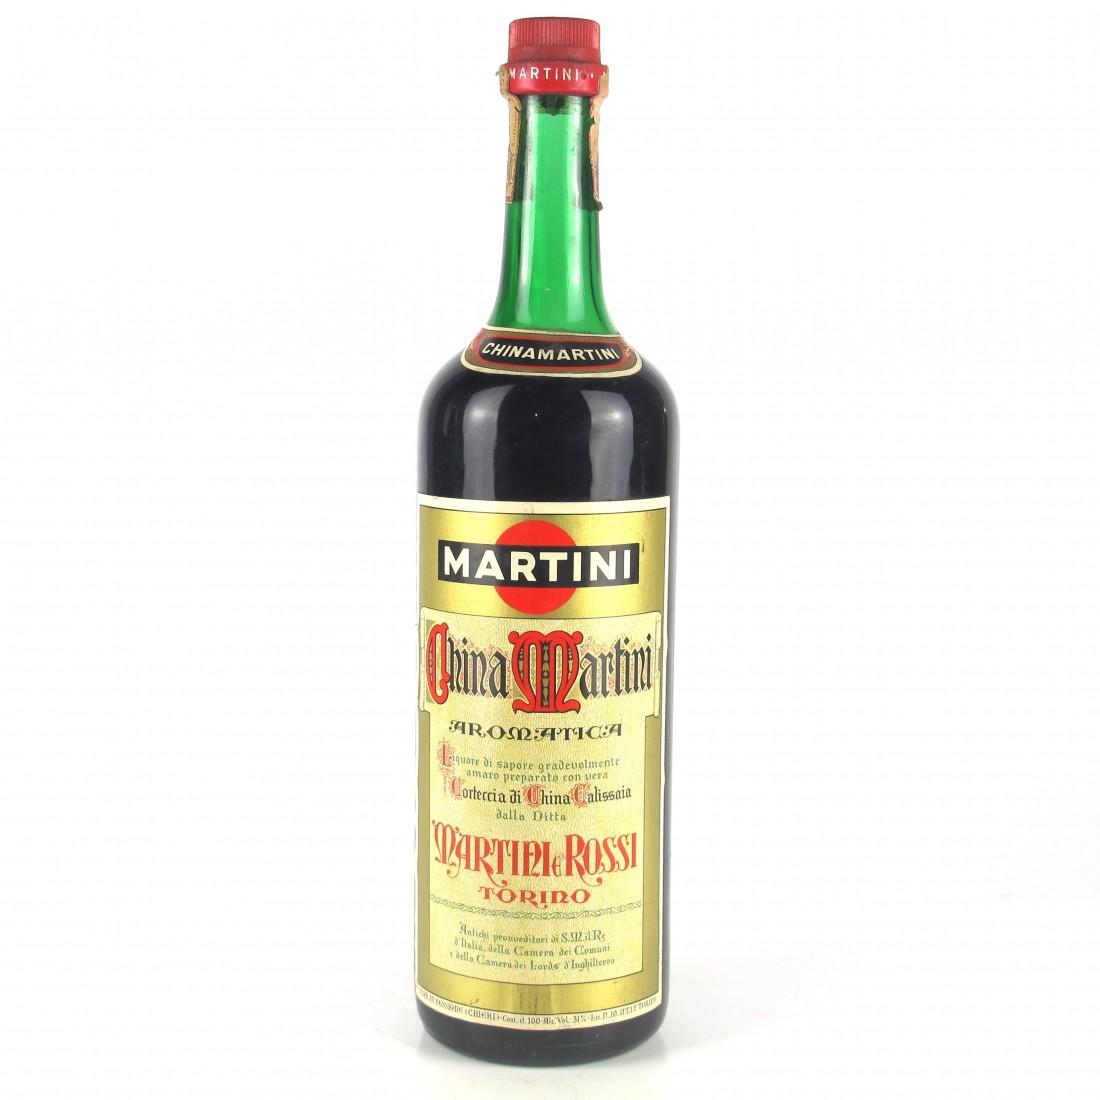 Martini and Rossi China Martini Aromatica 1 Litre 1960s